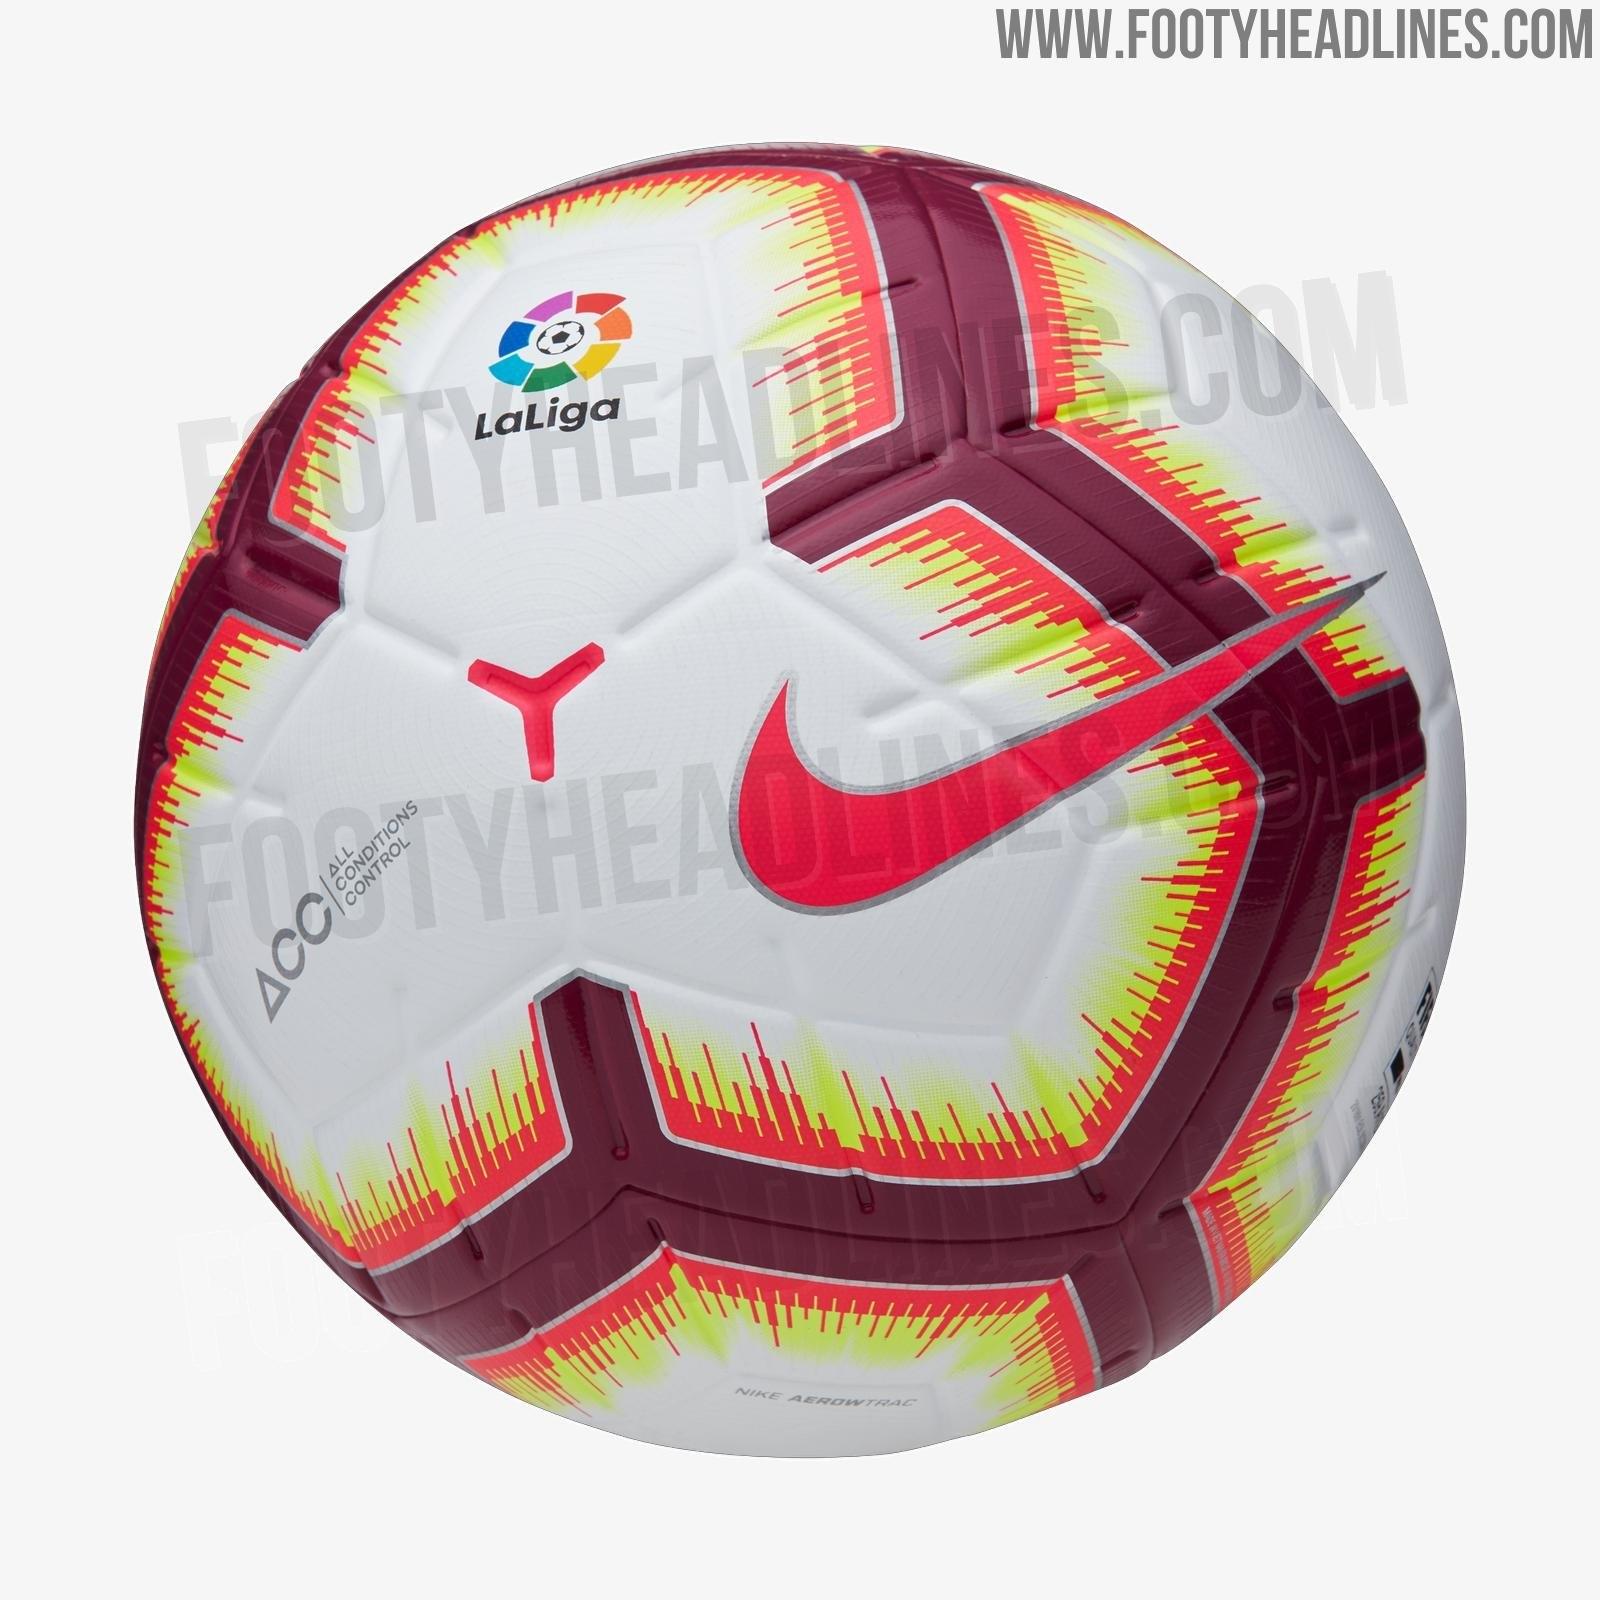 No More Ball Madeadidas – Bundesliga, La Liga, Ligue 1, Premier Ligue 1 Calendar 2019